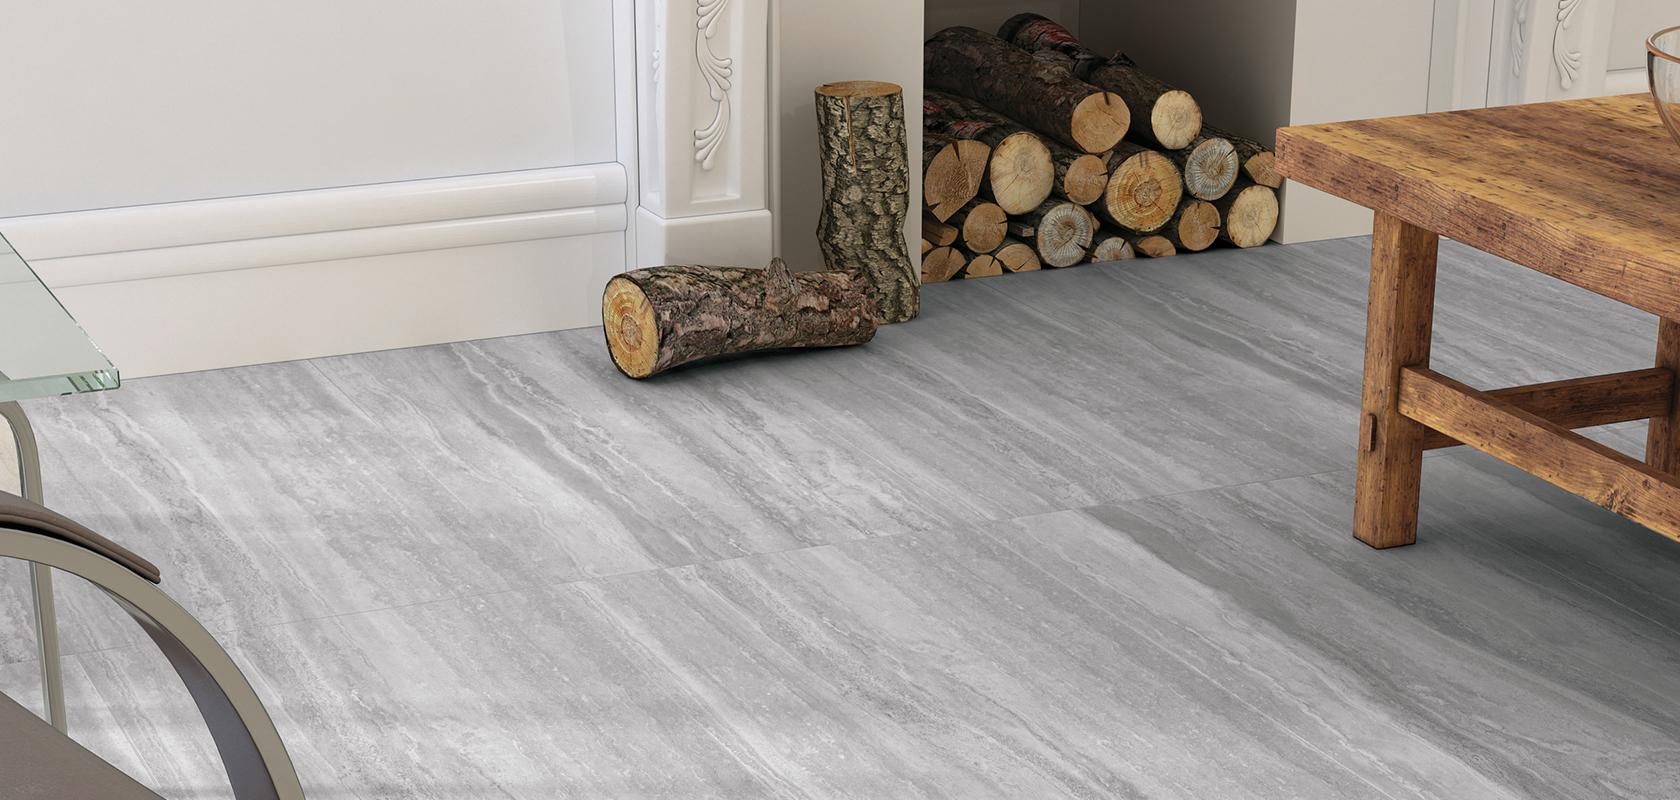 room scene featuring grey ceramic tile